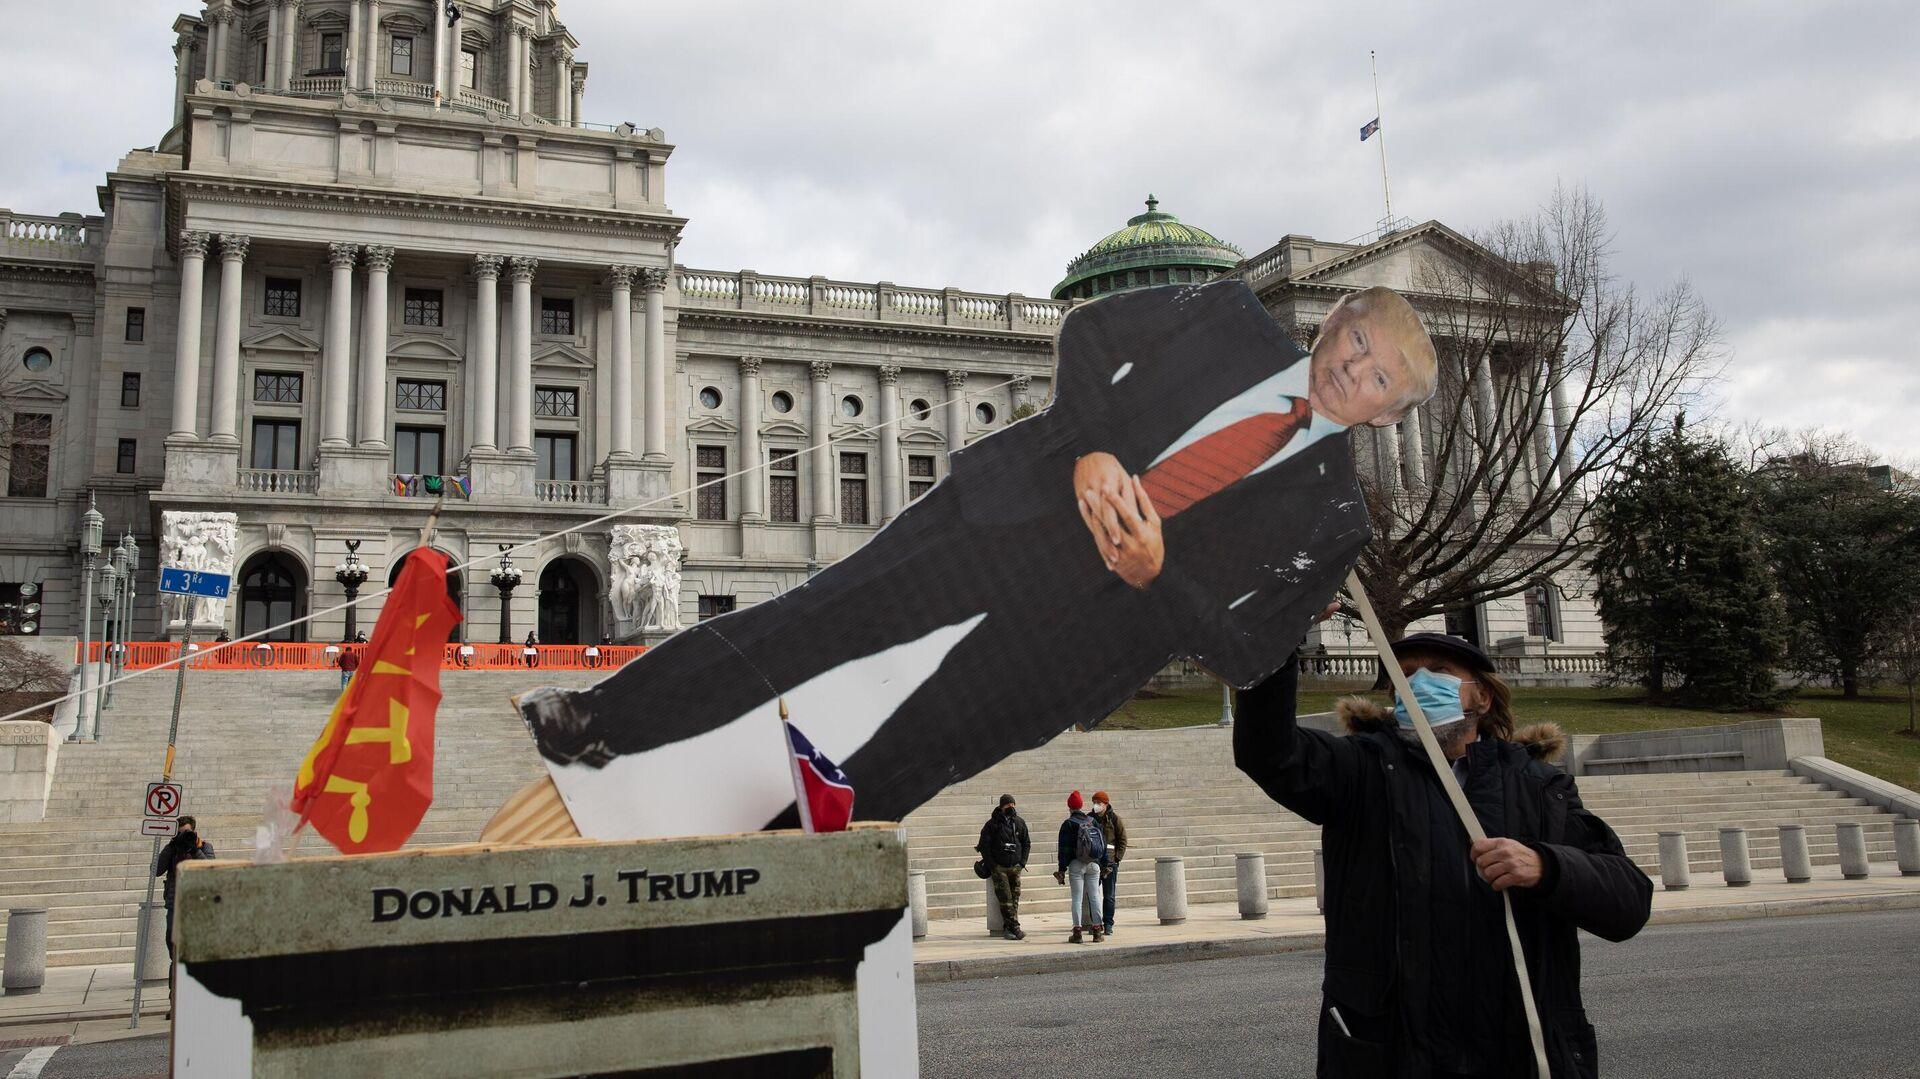 Картонная фигура с изображением президента США Дональда Трампа у Капитолия штата Пенсильвания в Харрисберге - РИА Новости, 1920, 19.01.2021